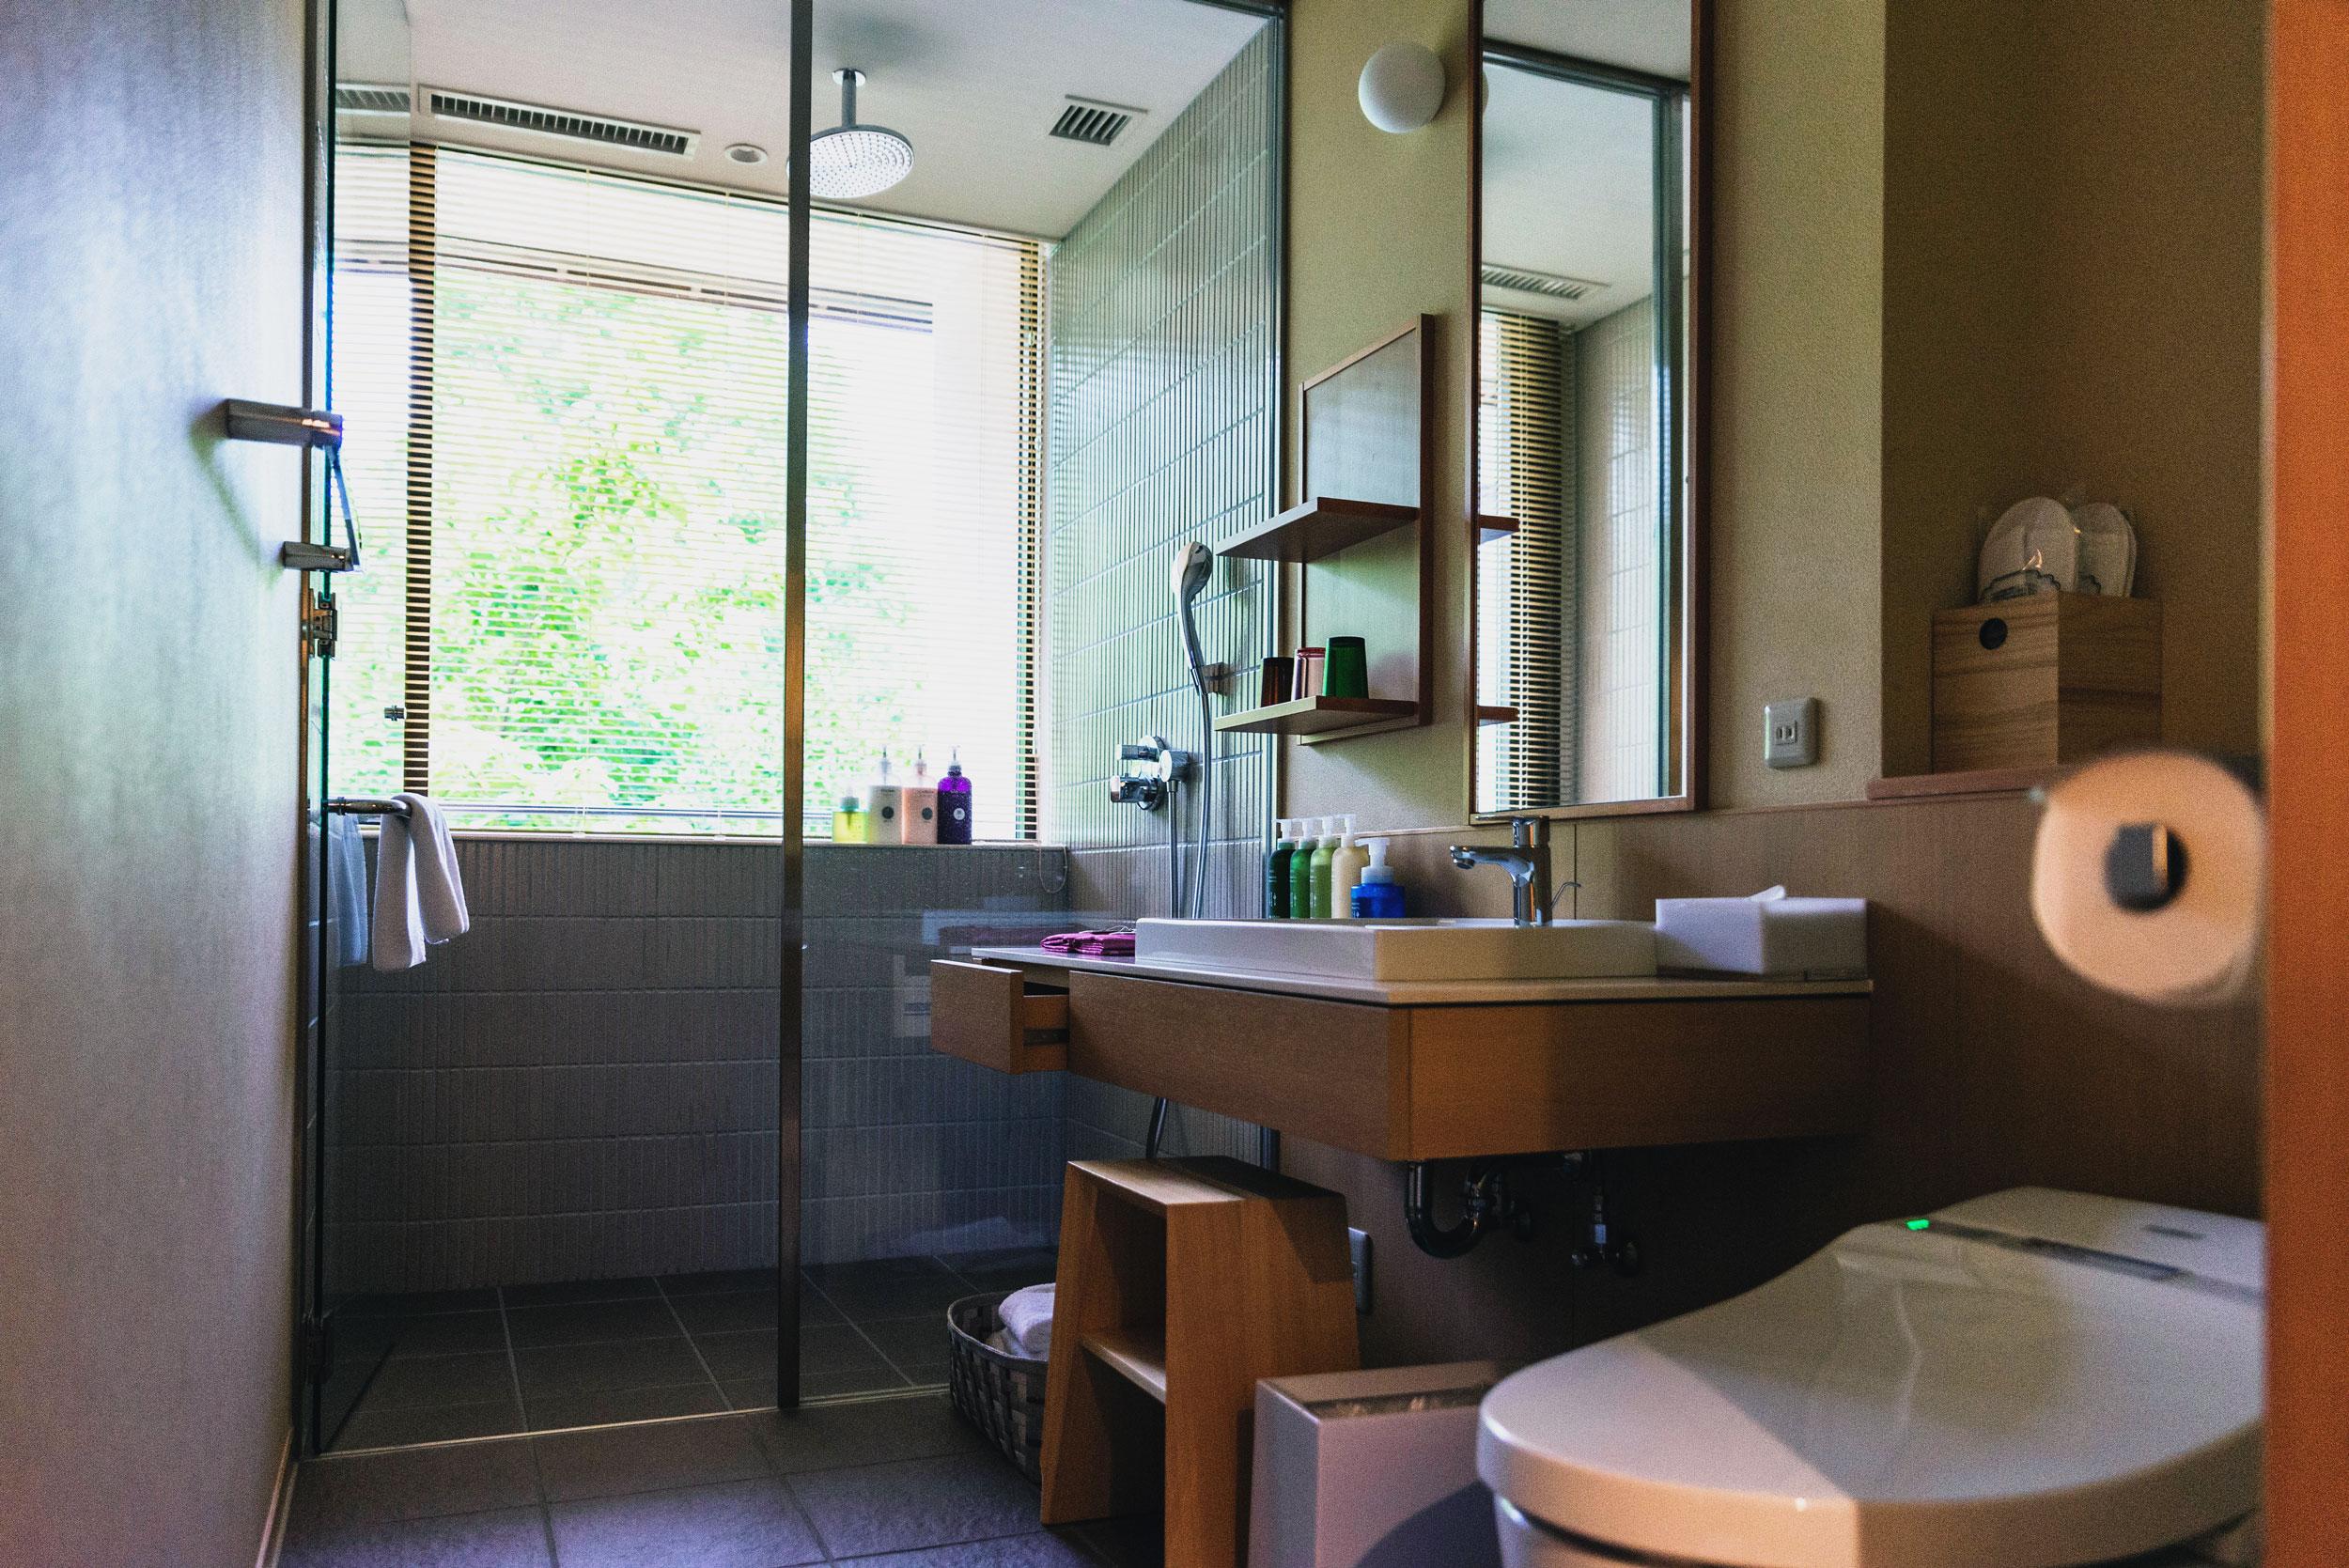 The bathroom at Hoshino Resorts KAI Kinugawa